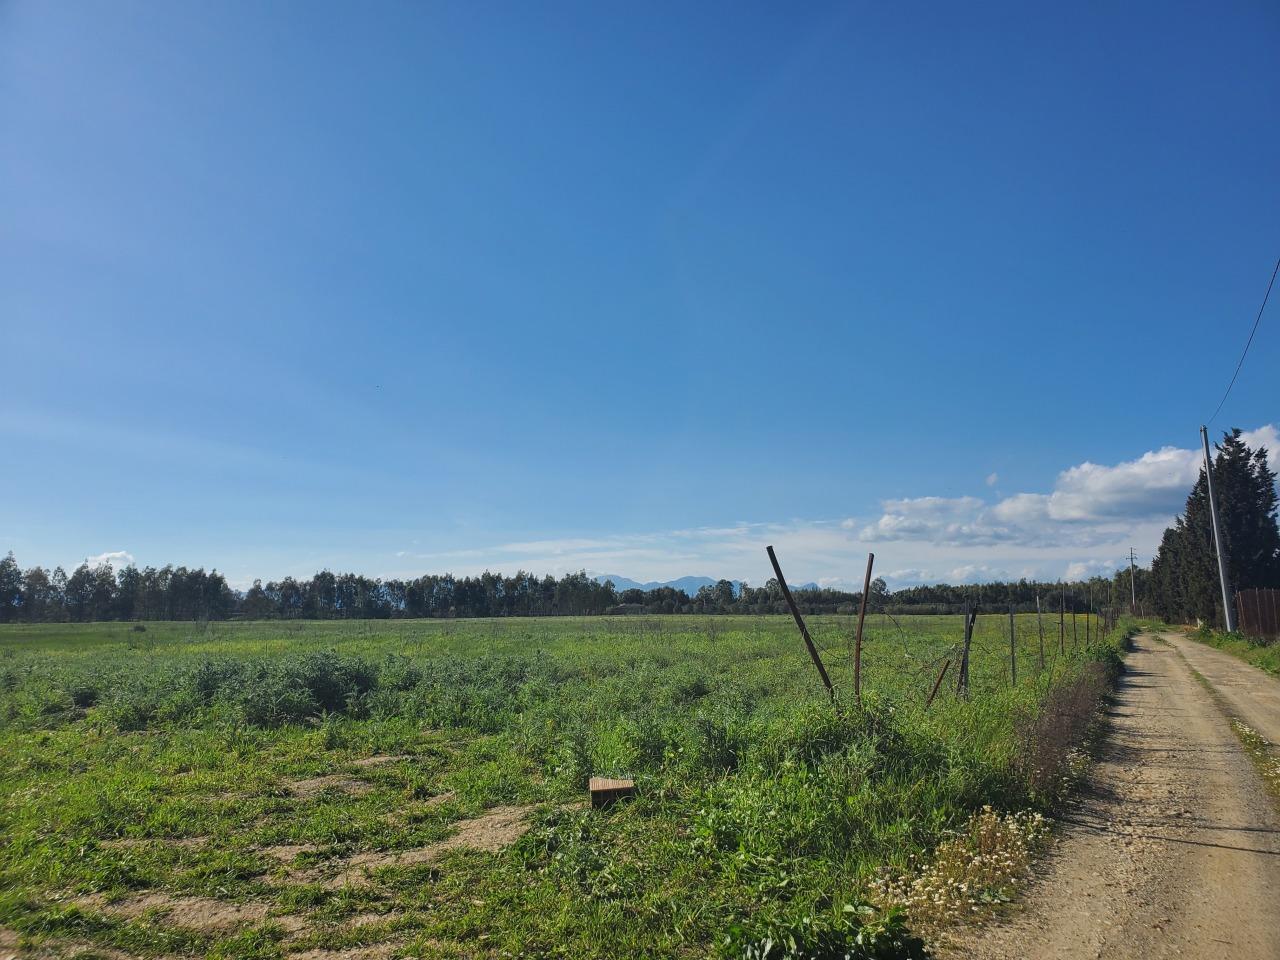 Terreno Agricolo in vendita a Decimomannu, 9999 locali, prezzo € 100.000 | CambioCasa.it